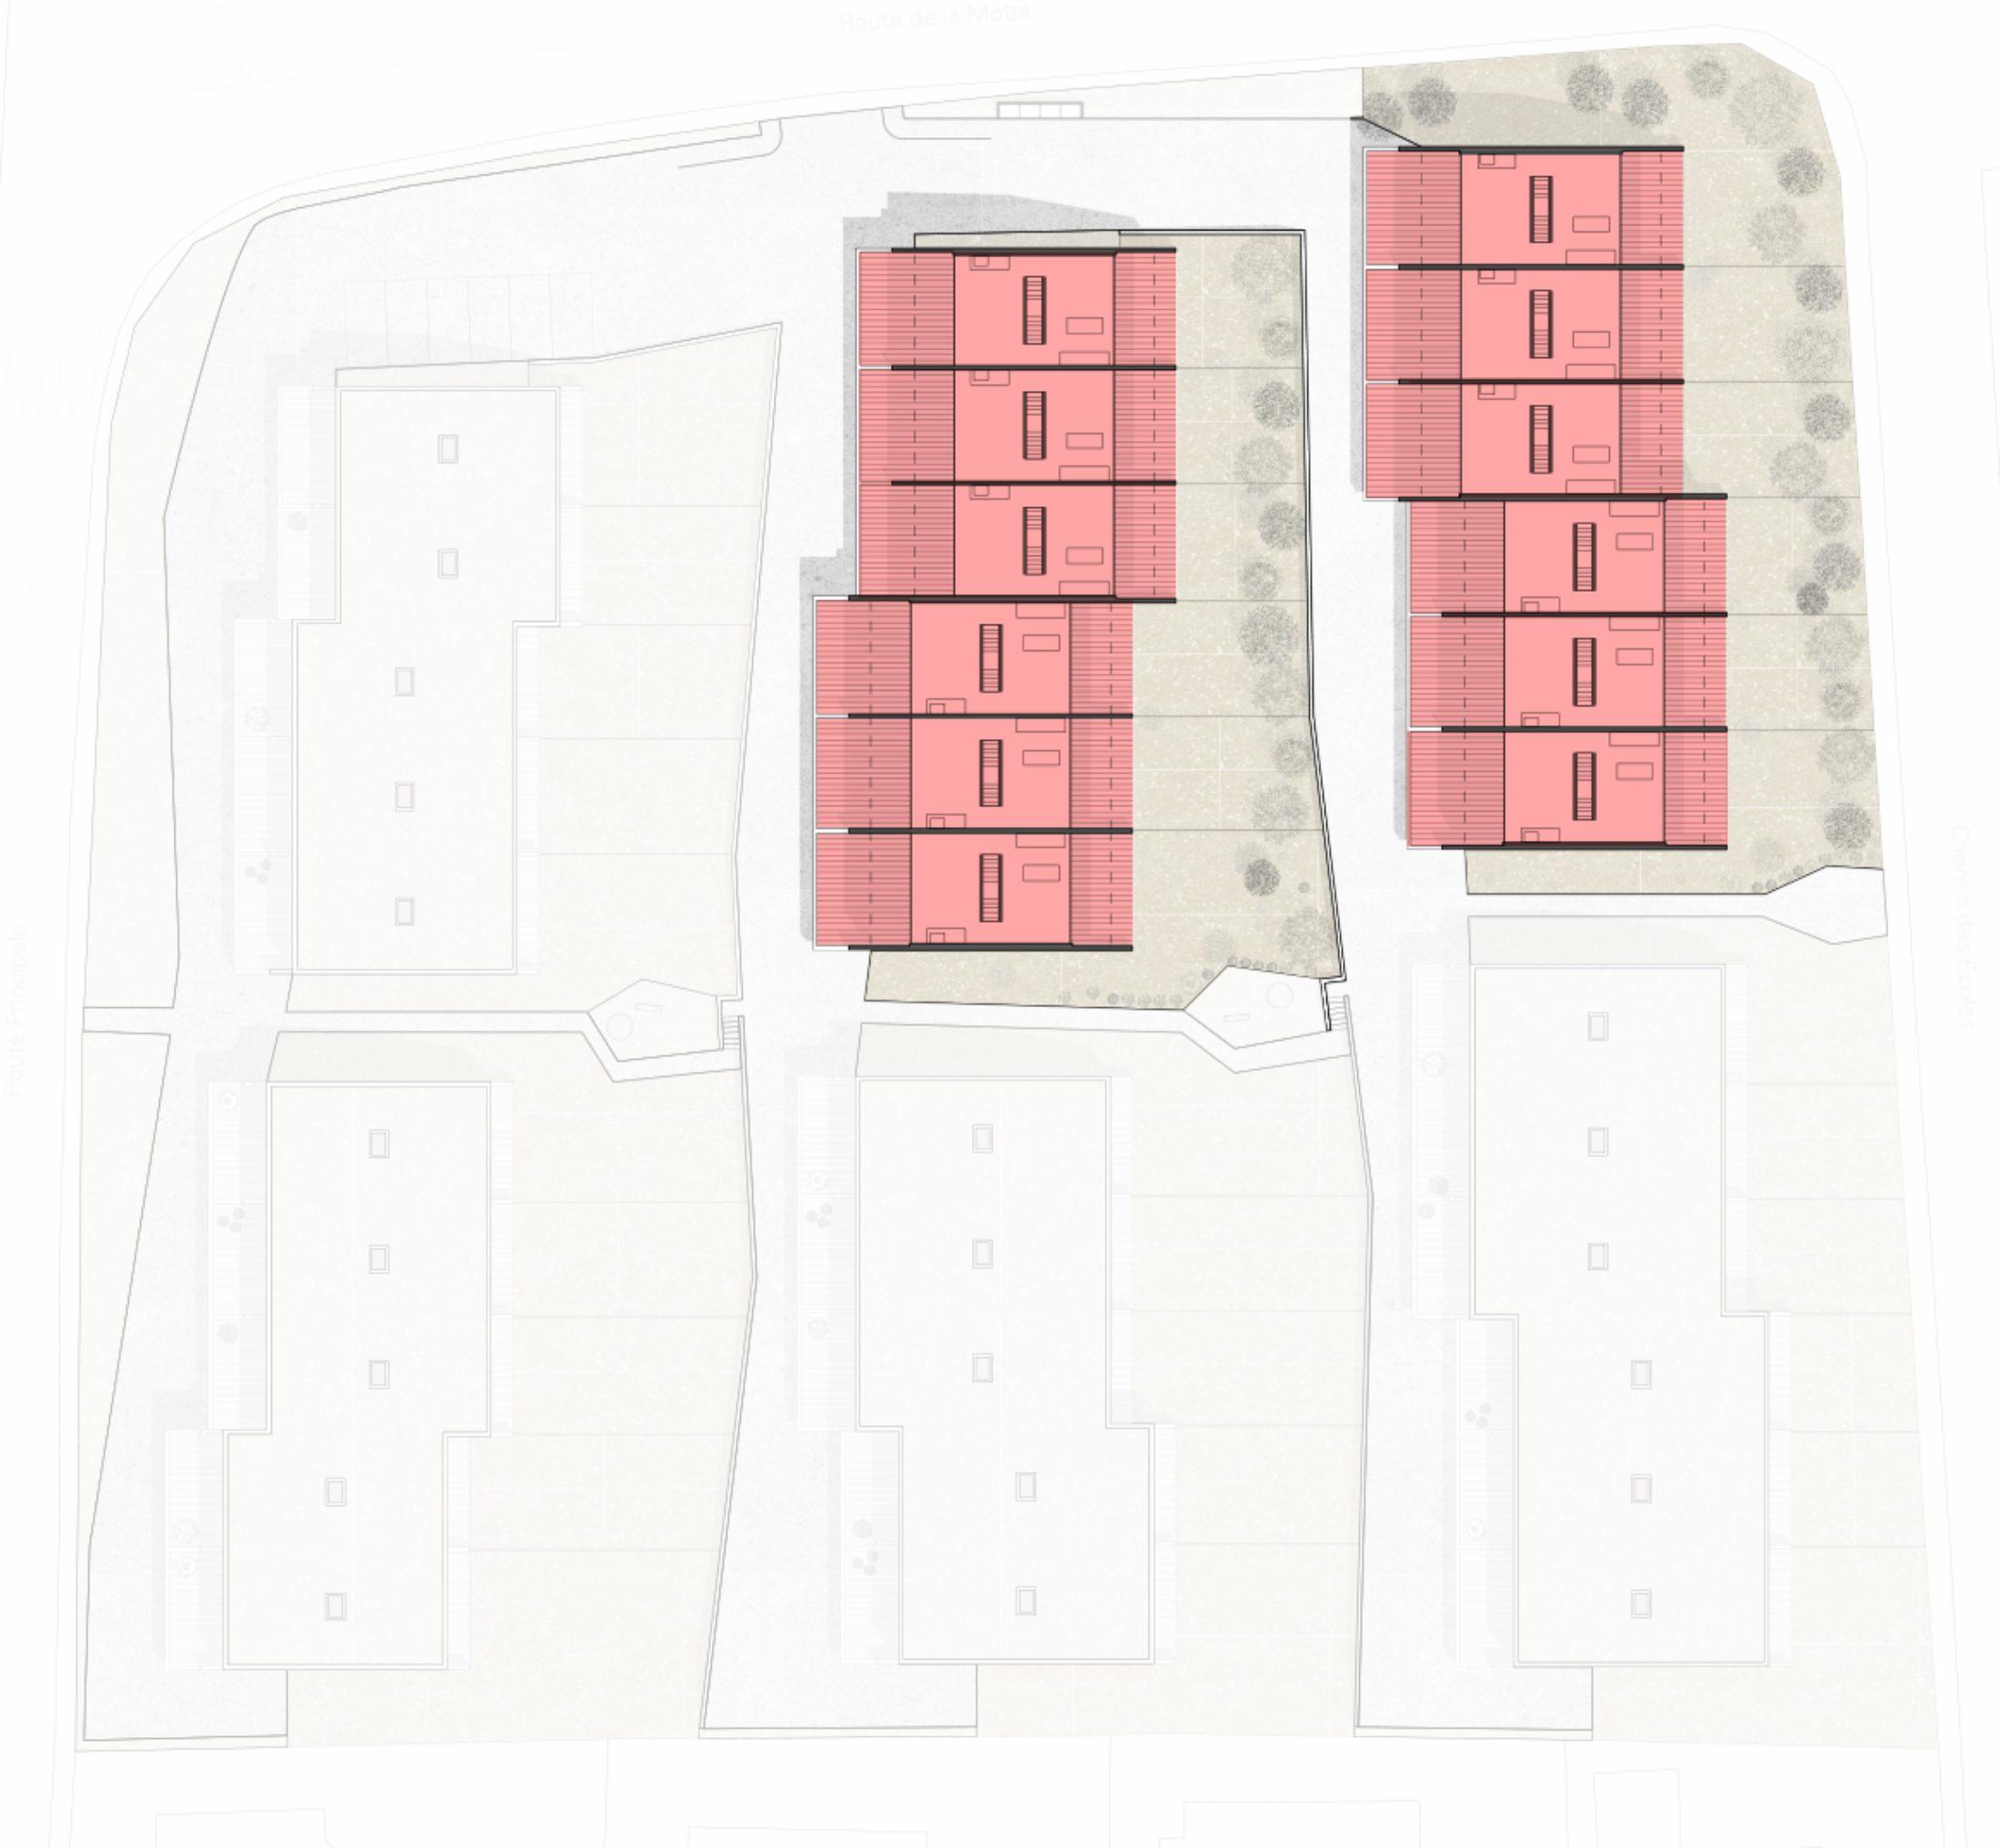 Plan villas ce 210324 101321